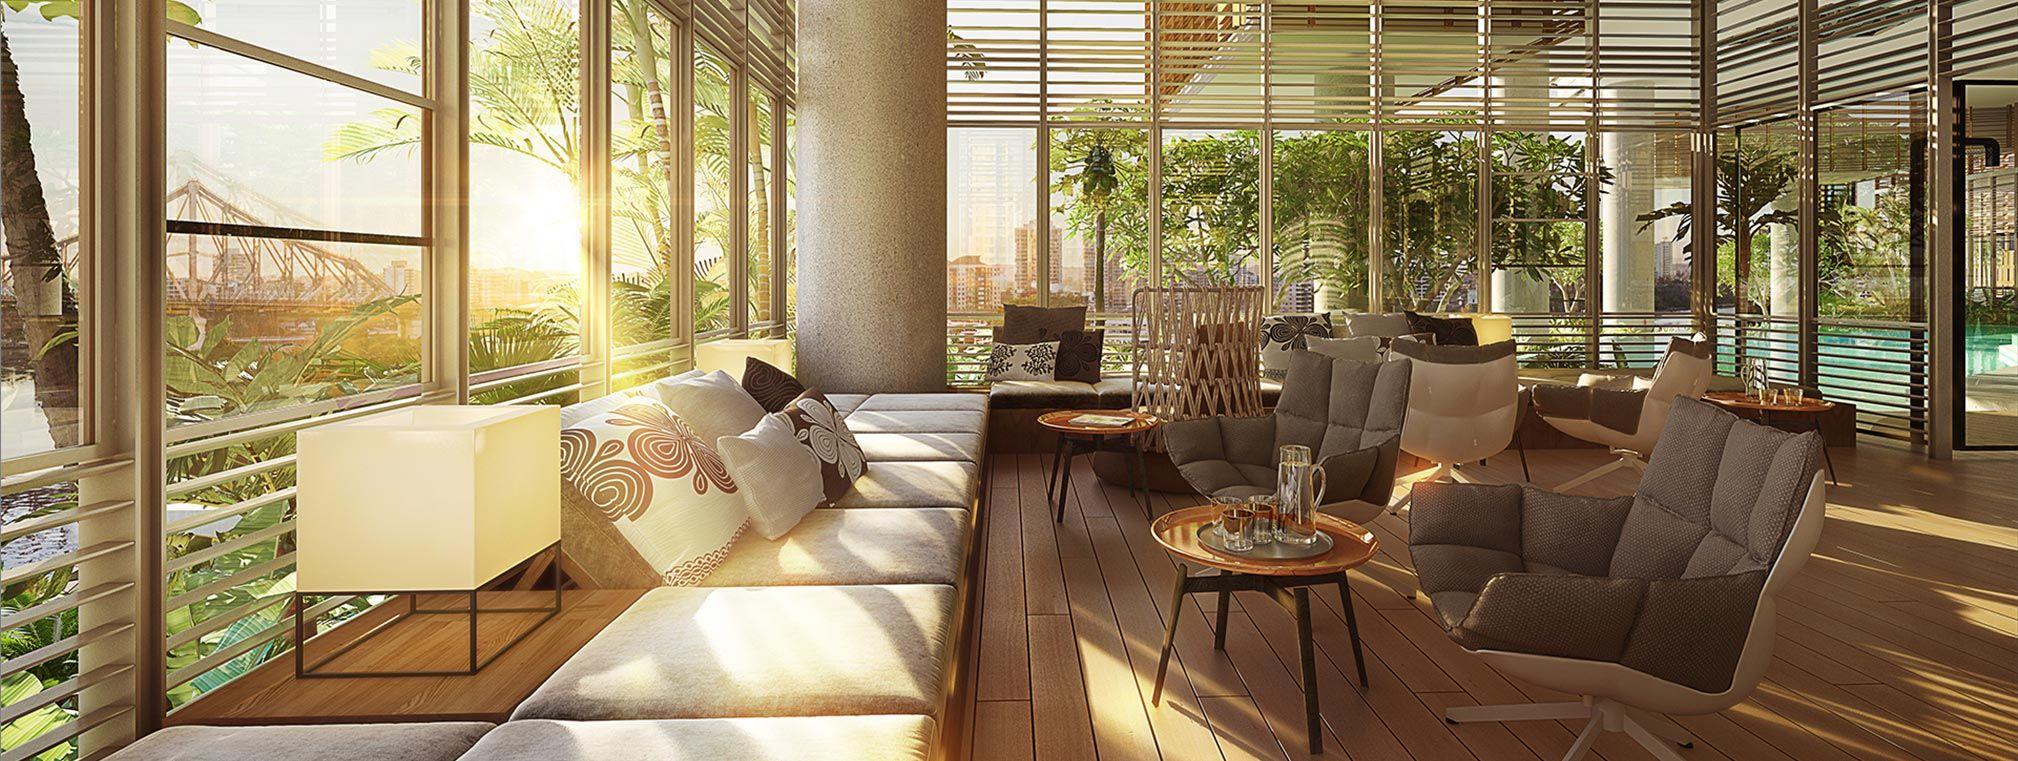 Amenities - 443 Queen Street, Brisbane - New Apartments ...